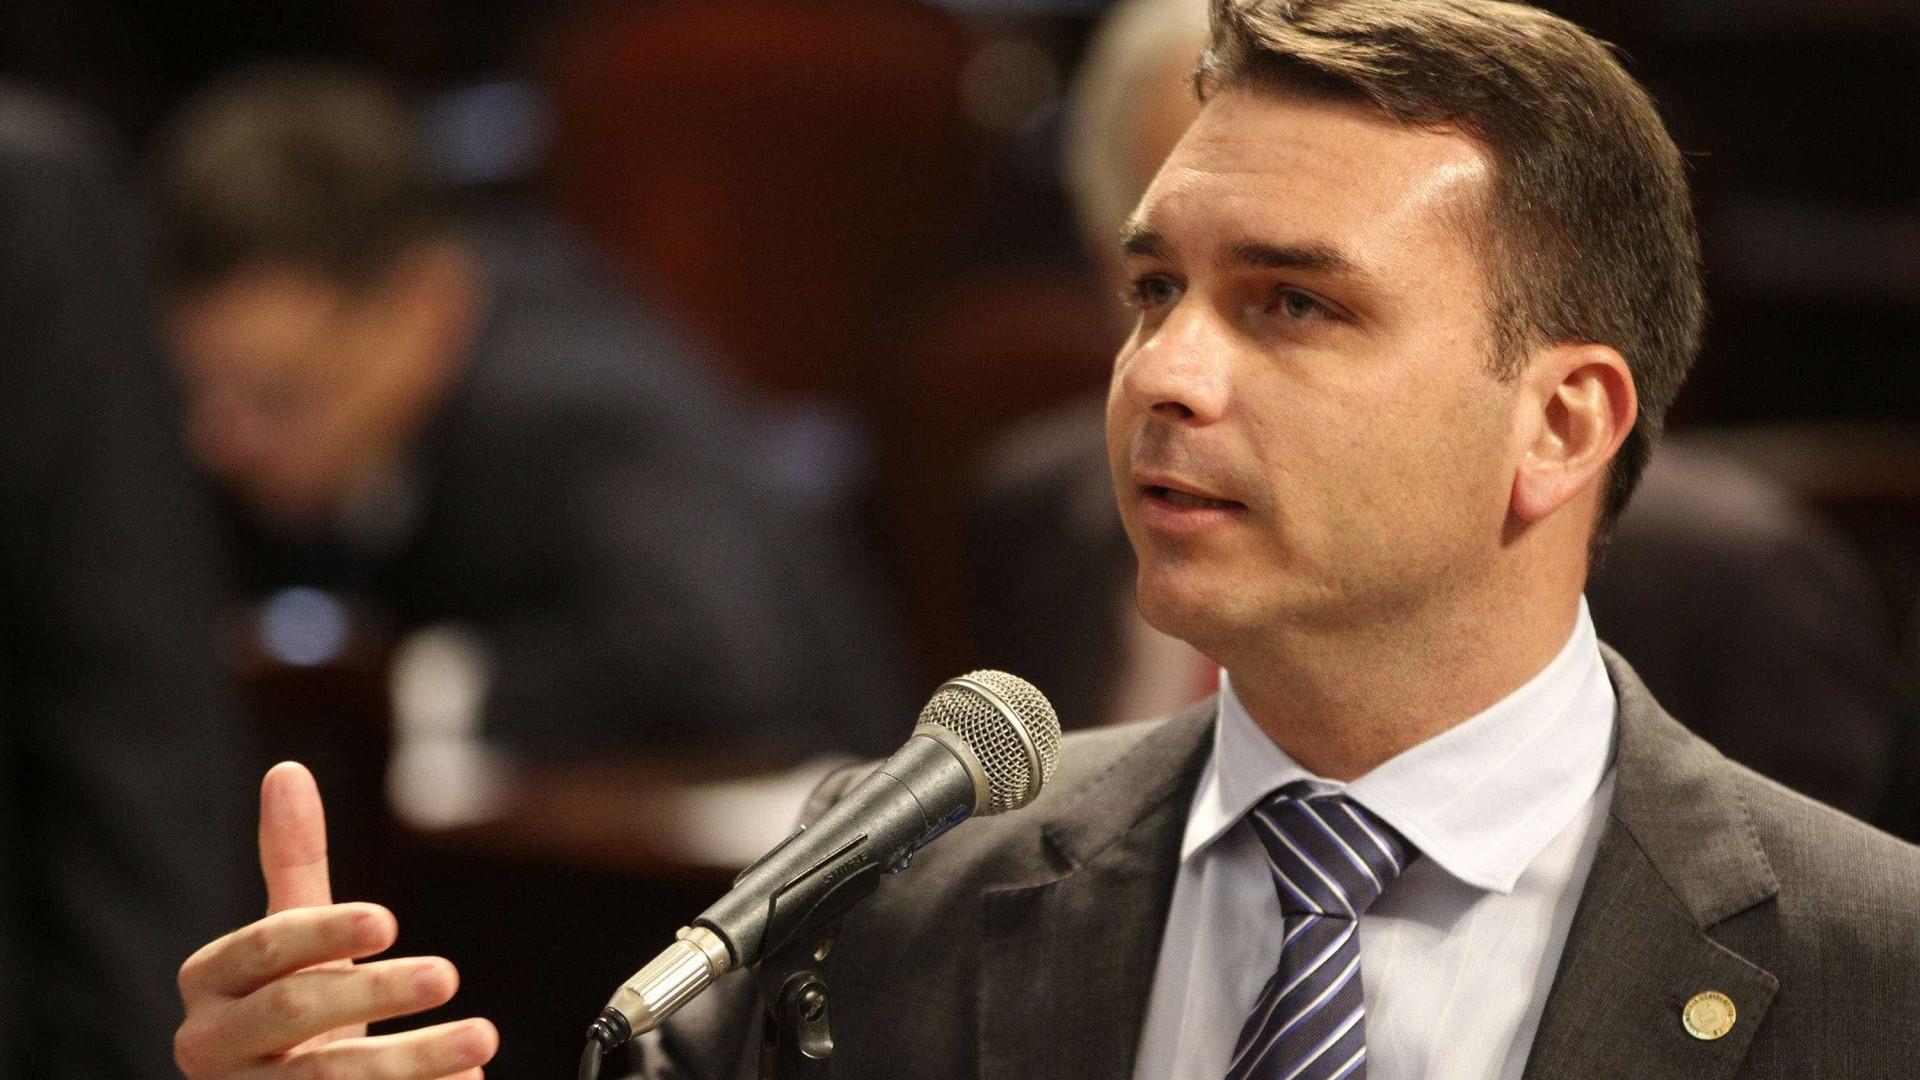 Caso Queiroz: Flávio Bolsonaro alegou foro privilegiado ao STF